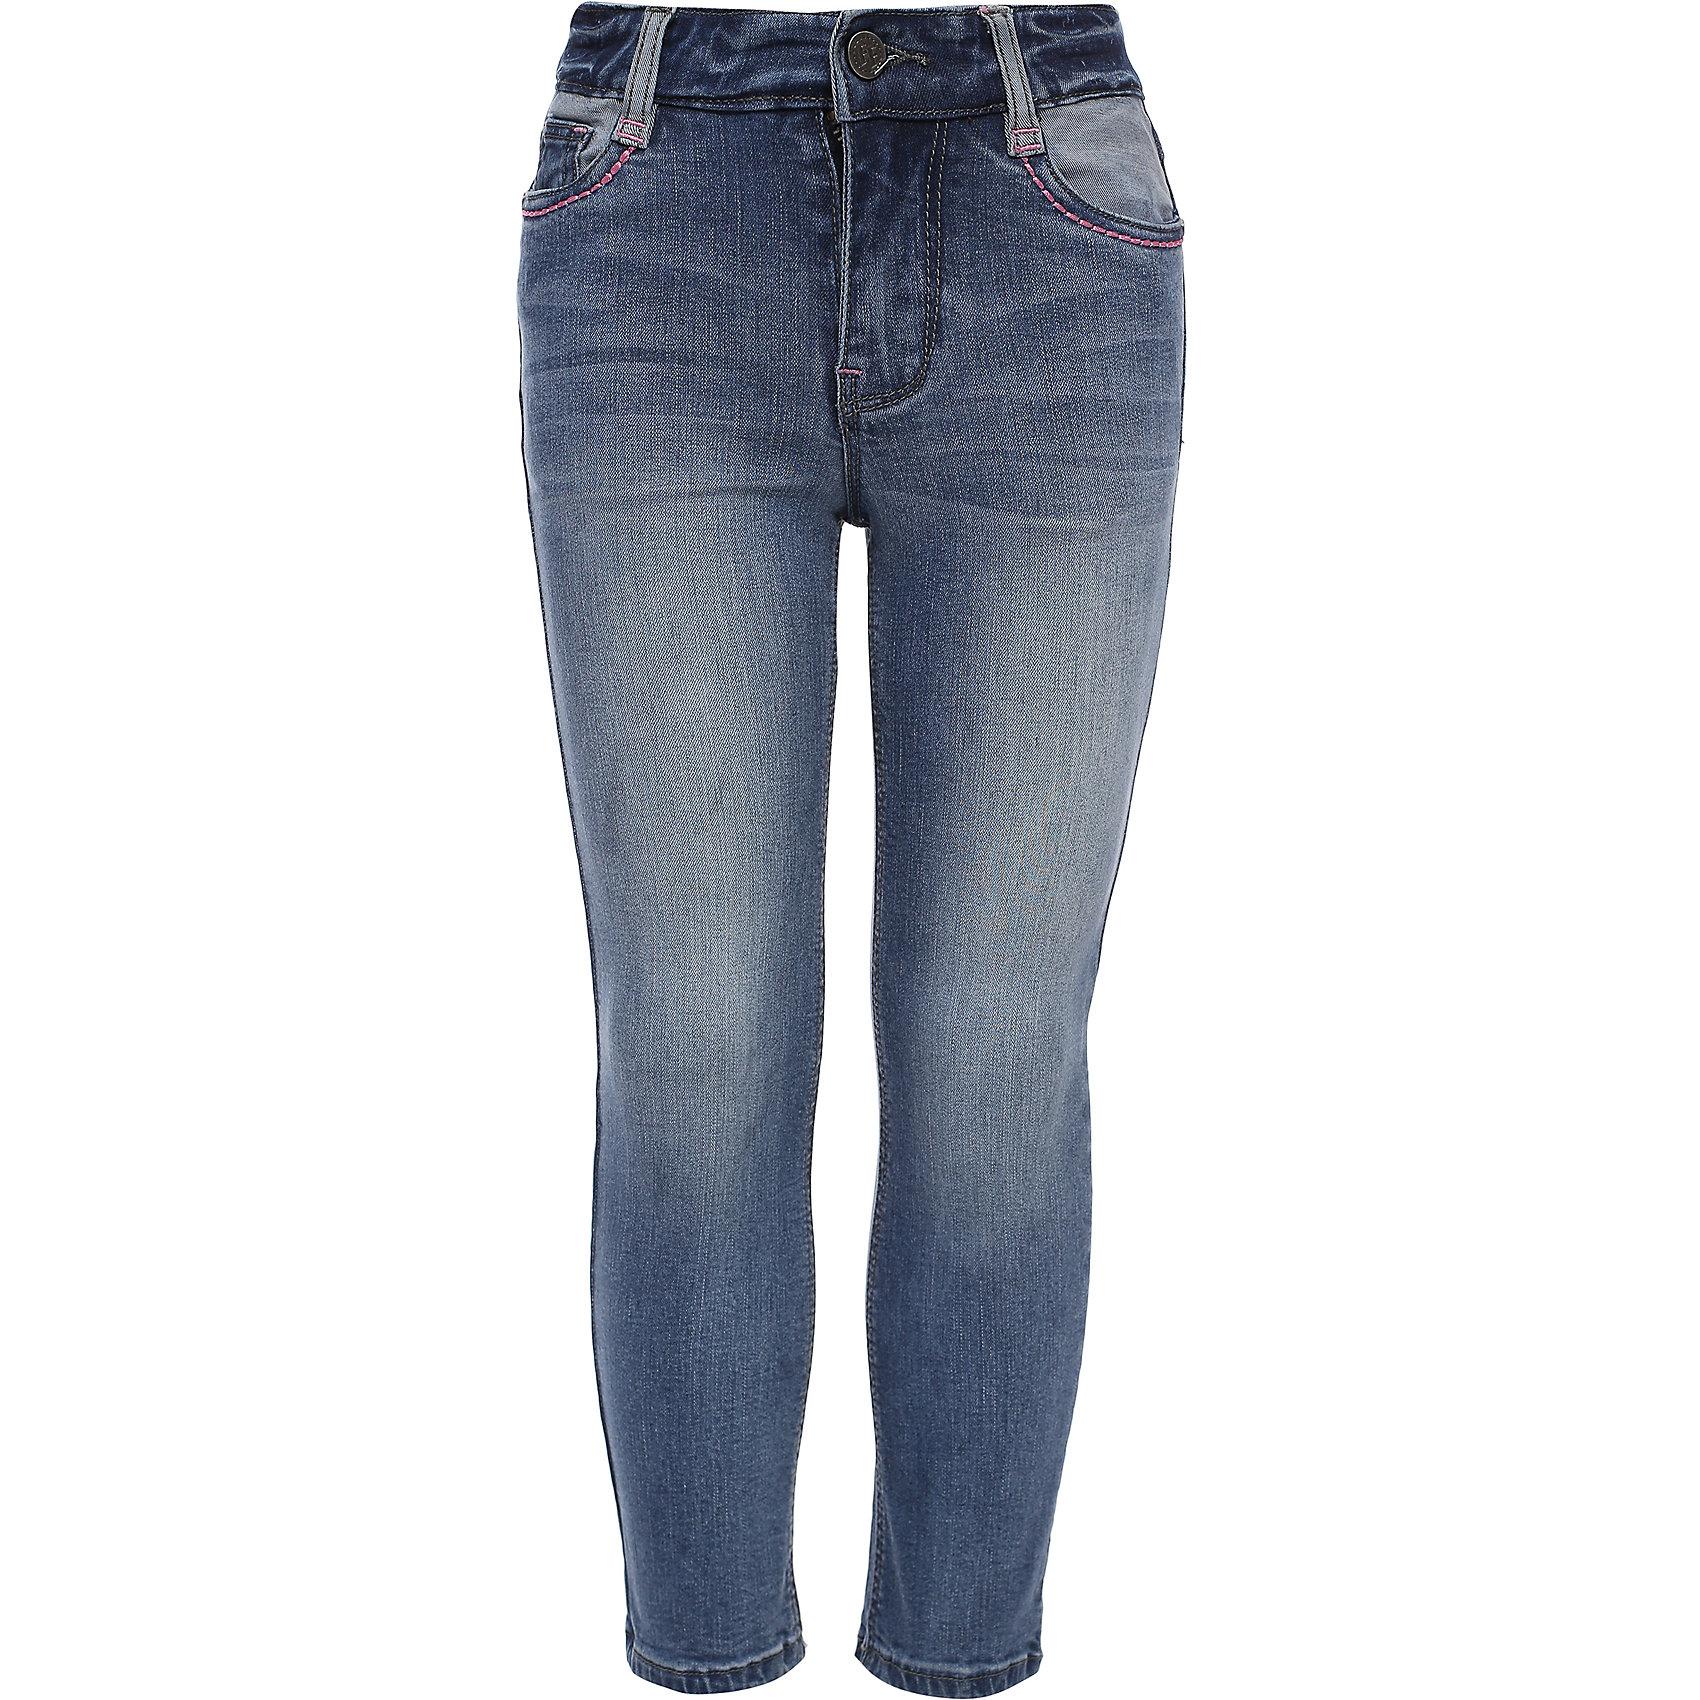 Брюки для девочки Finn FlareБрюки известной марки Finn Flare.<br><br>Узкие брюки для девочки стилизованы под джинсы, имеют карманы, застегиваются на молнию и пуговицу. Брюки можно подкатить – с окантовкой девочка будет модно выглядеть. Брюки имеют небольшую потертость, подчеркивающую стиль девочки. <br><br>Фактура материала: Деним<br>Вид застежки: Молния <br>Тип карманов: Втачные<br><br>Состав: 98% хлопок, 2% эластан<br><br>Брюки для девочки Finn Flare можно купить в нашем интернет-магазине.<br><br>Ширина мм: 215<br>Глубина мм: 88<br>Высота мм: 191<br>Вес г: 336<br>Цвет: голубой<br>Возраст от месяцев: 48<br>Возраст до месяцев: 60<br>Пол: Женский<br>Возраст: Детский<br>Размер: 110<br>SKU: 4890090